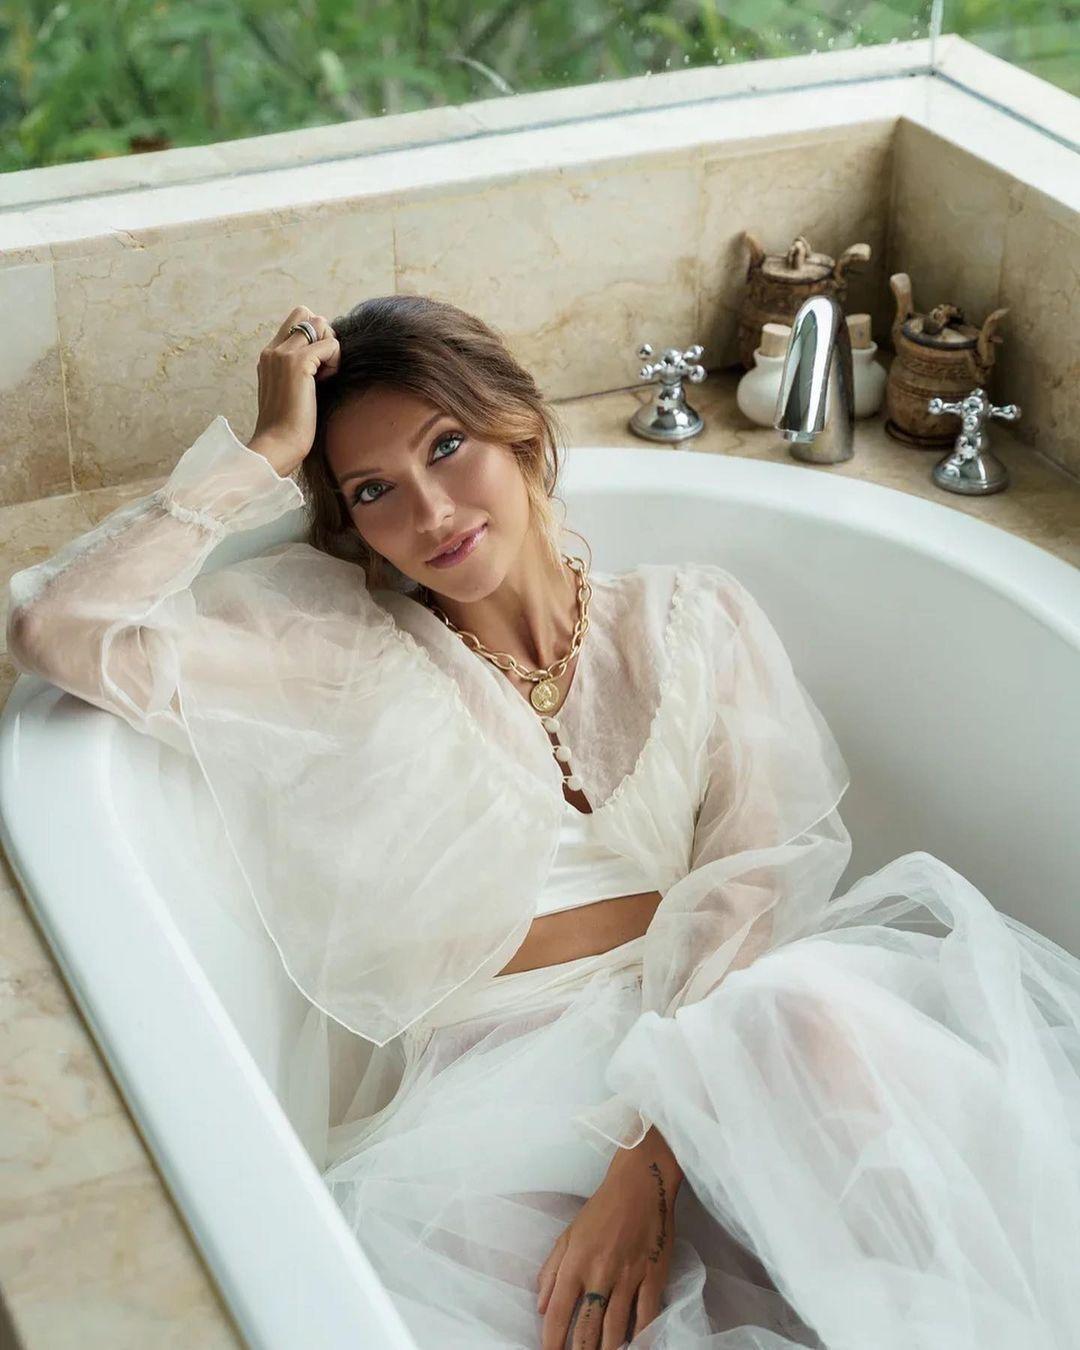 Регина Тодоренко в полупрозрачном платье